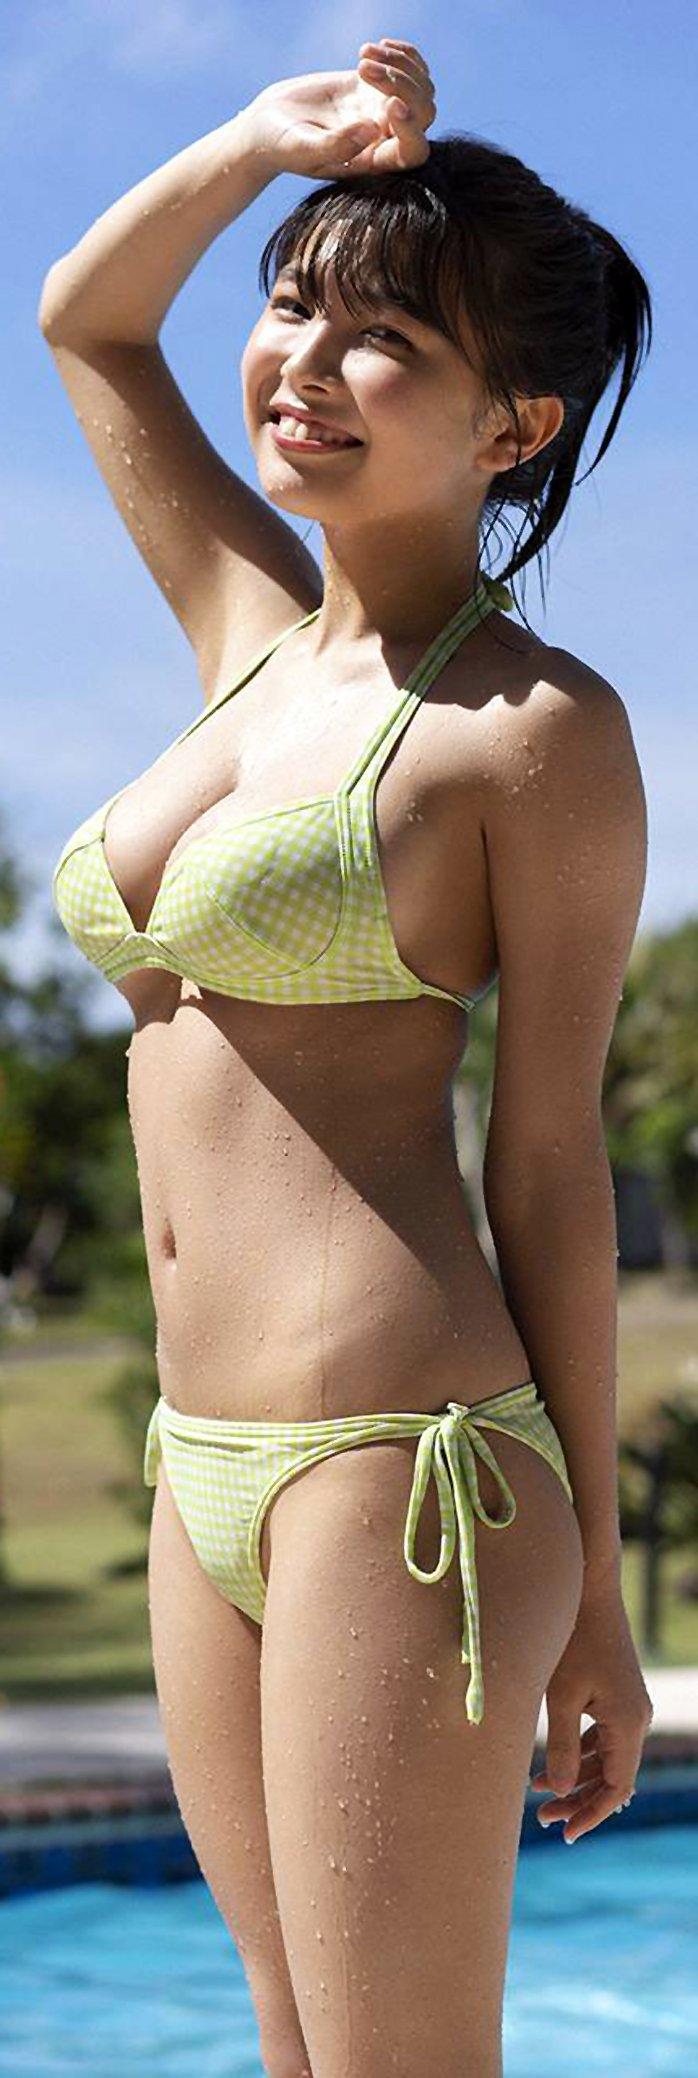 Cute asian girl in bikini